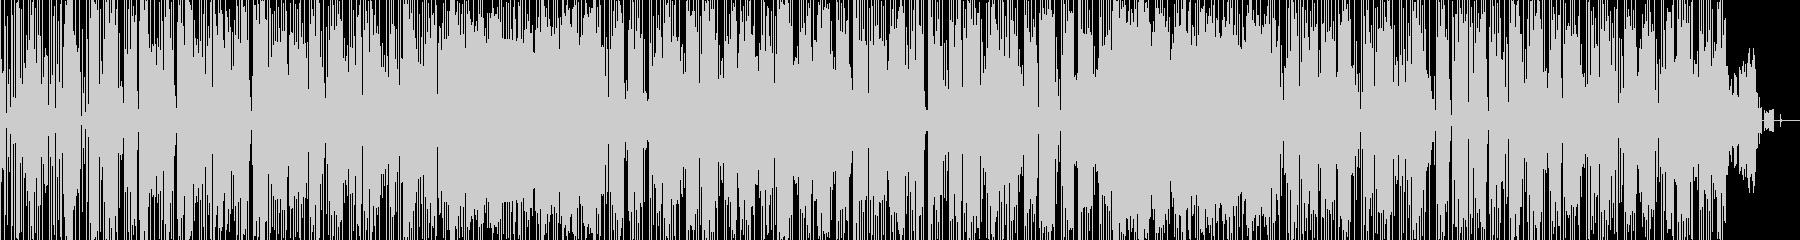 琴メロディによるファンクの未再生の波形